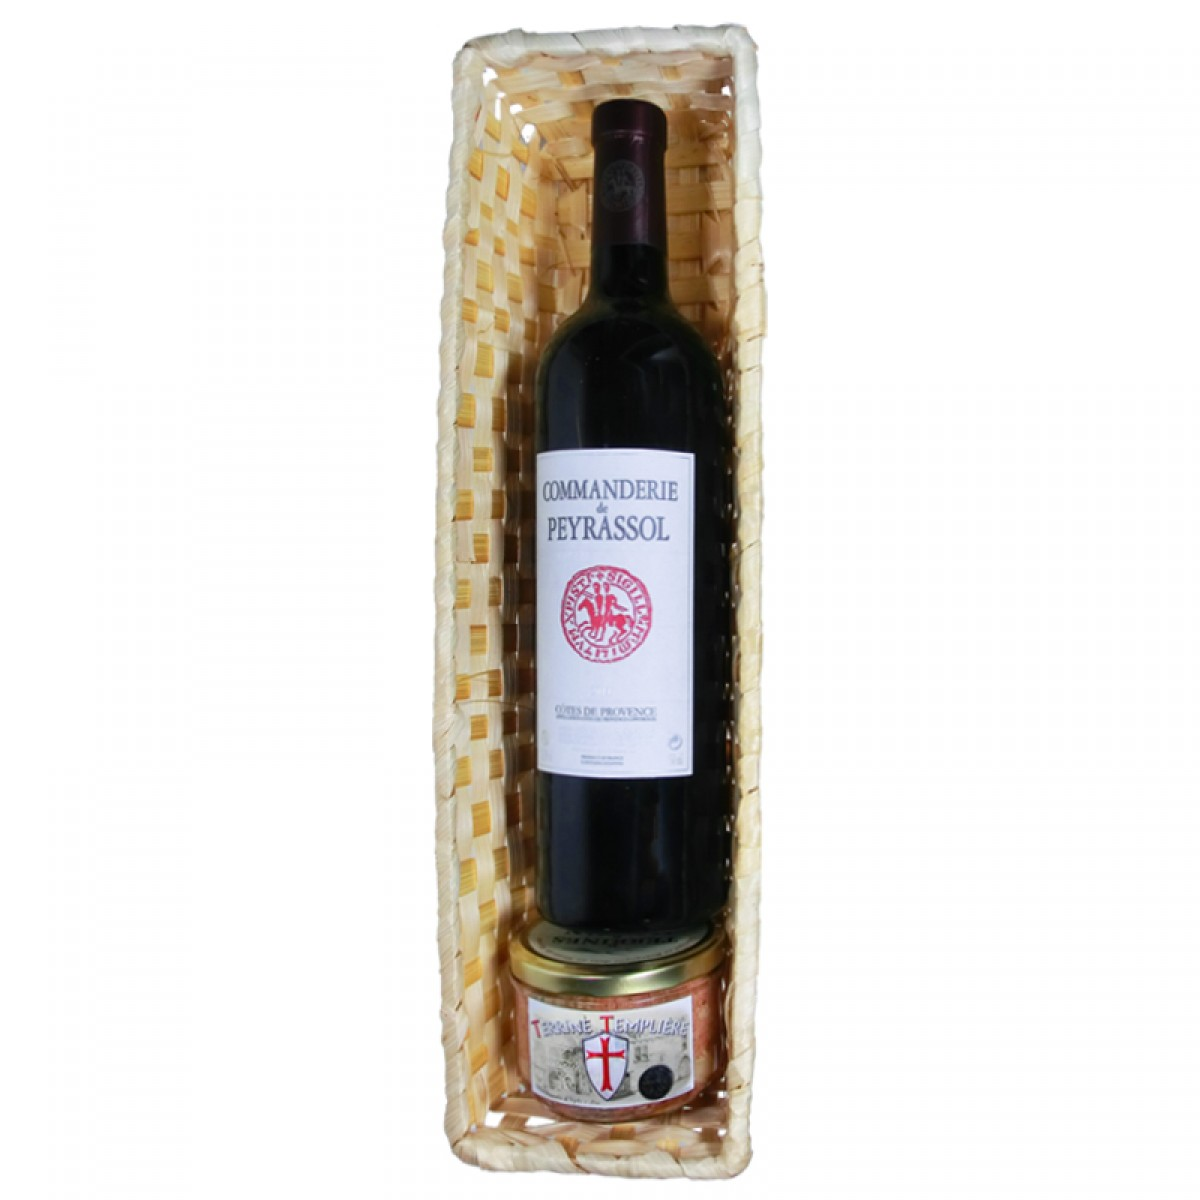 panier des templiers 1 bouteille 1 terrine saveurs de bourgogne vente de produits du terroir. Black Bedroom Furniture Sets. Home Design Ideas